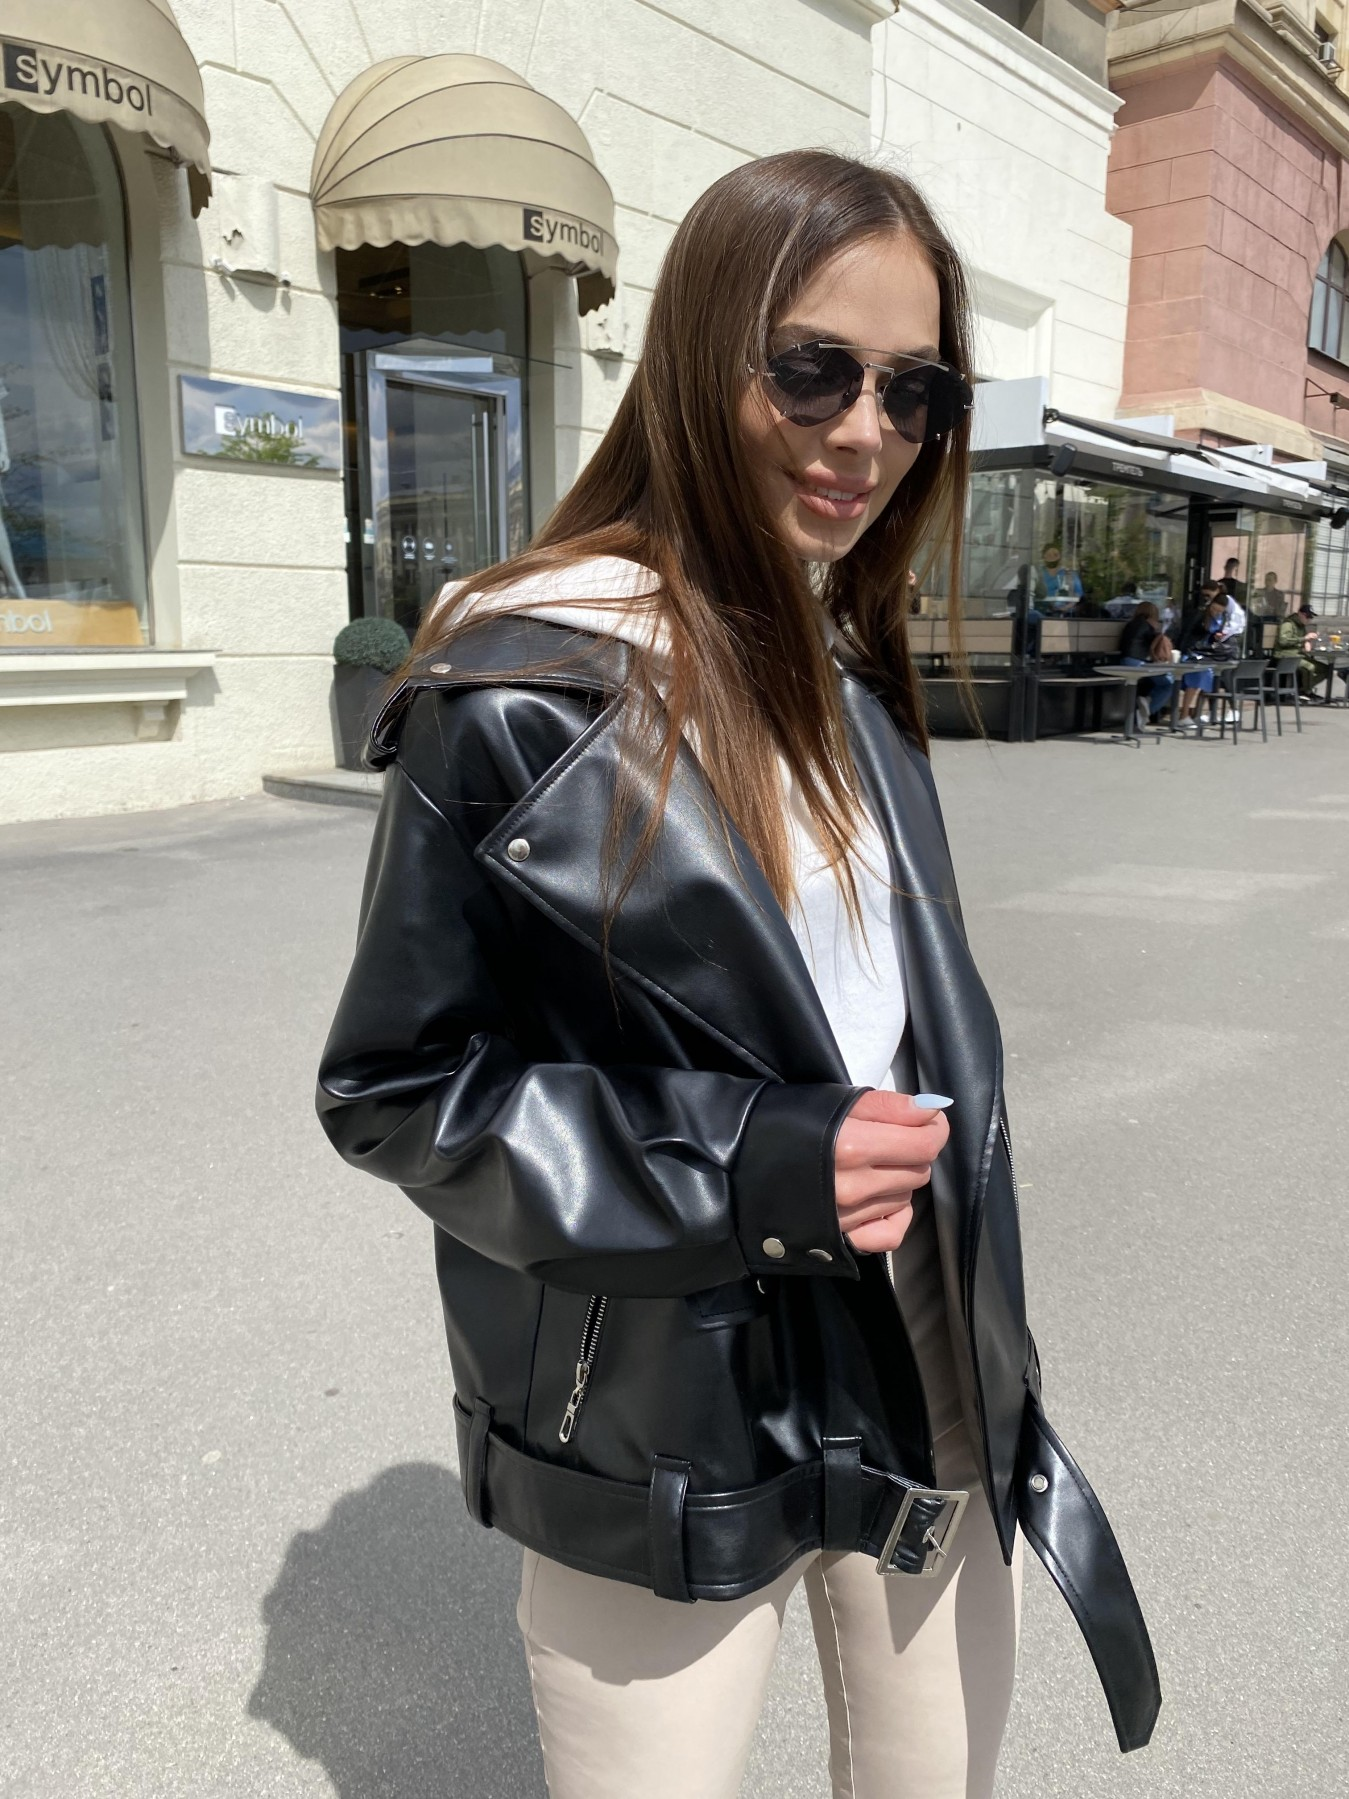 Фора куртка из экокожи прокатанная 11204 АРТ. 47779 Цвет: Черный - фото 5, интернет магазин tm-modus.ru